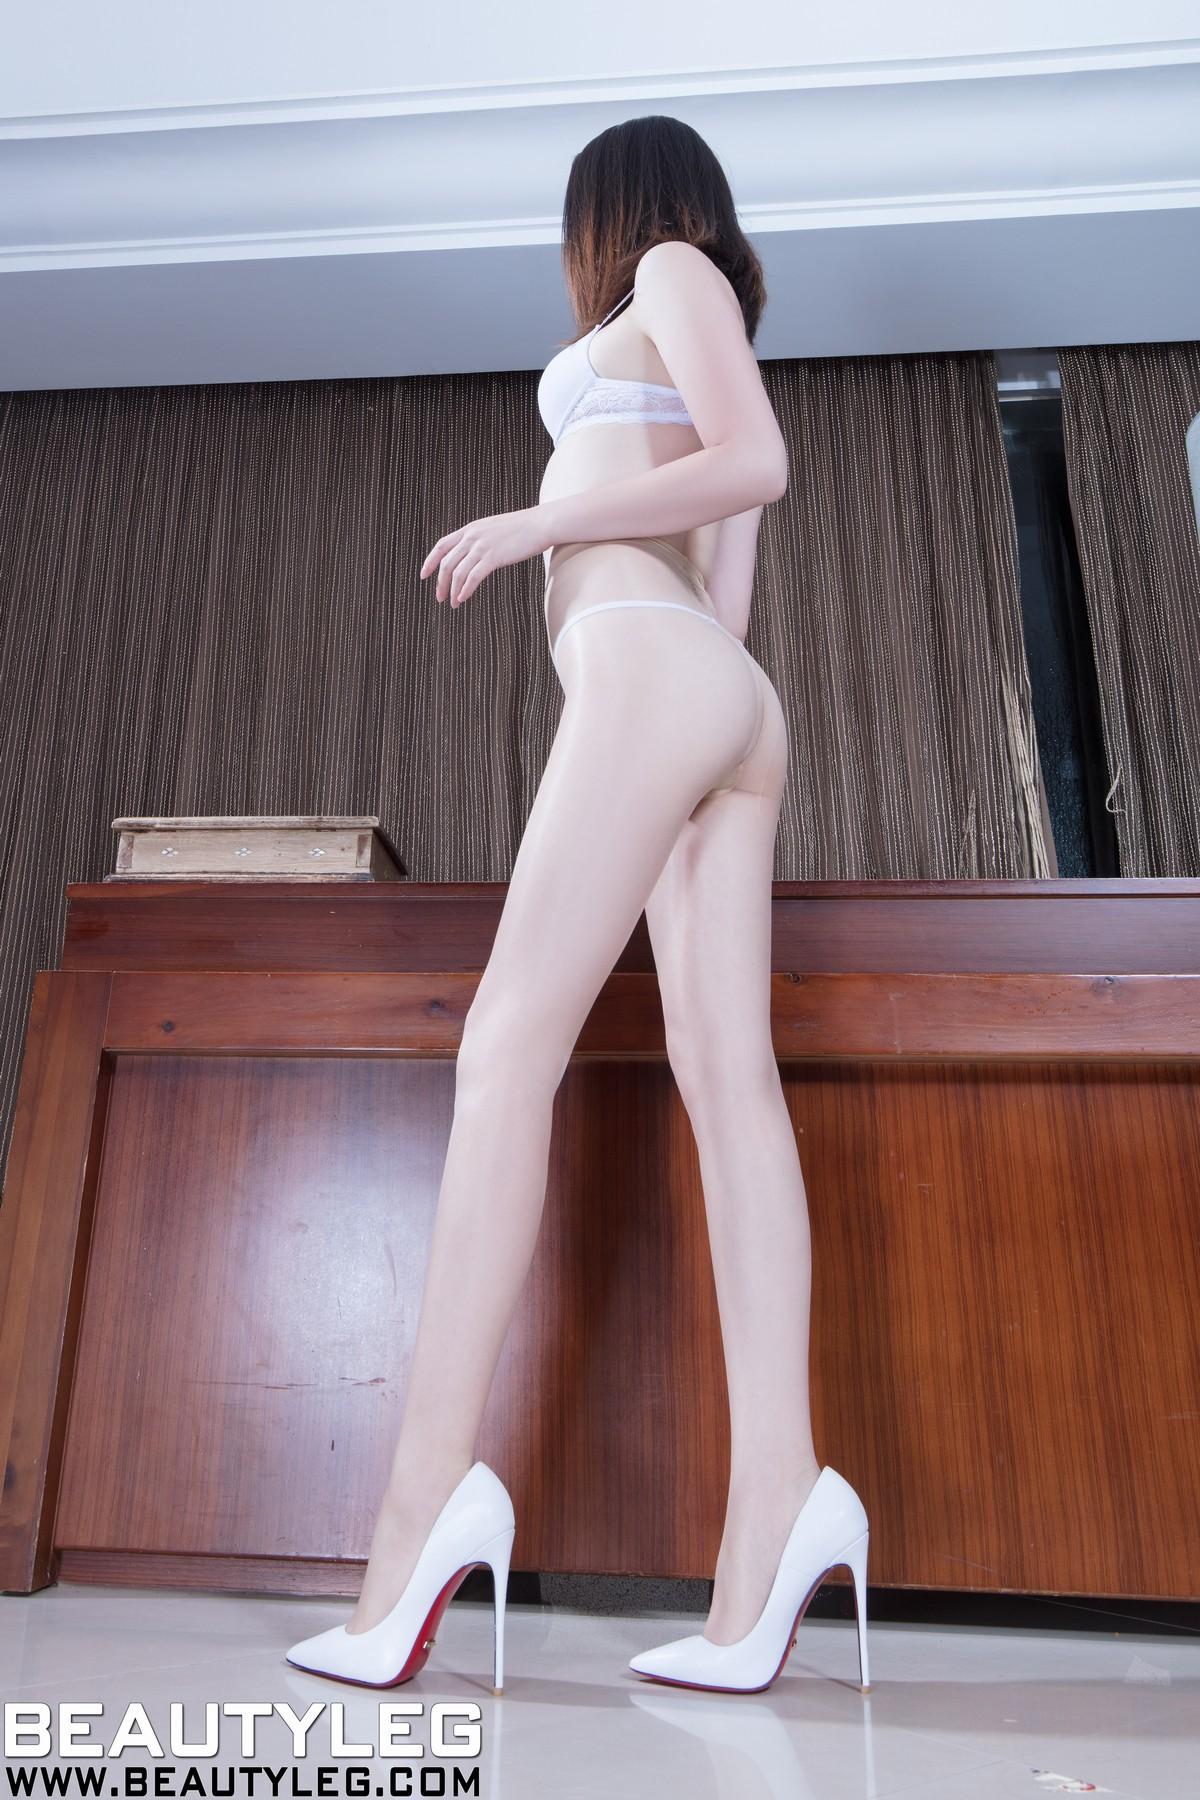 [Beautyleg]美女写真图片 2020.01.26 No.1873 Anonymity